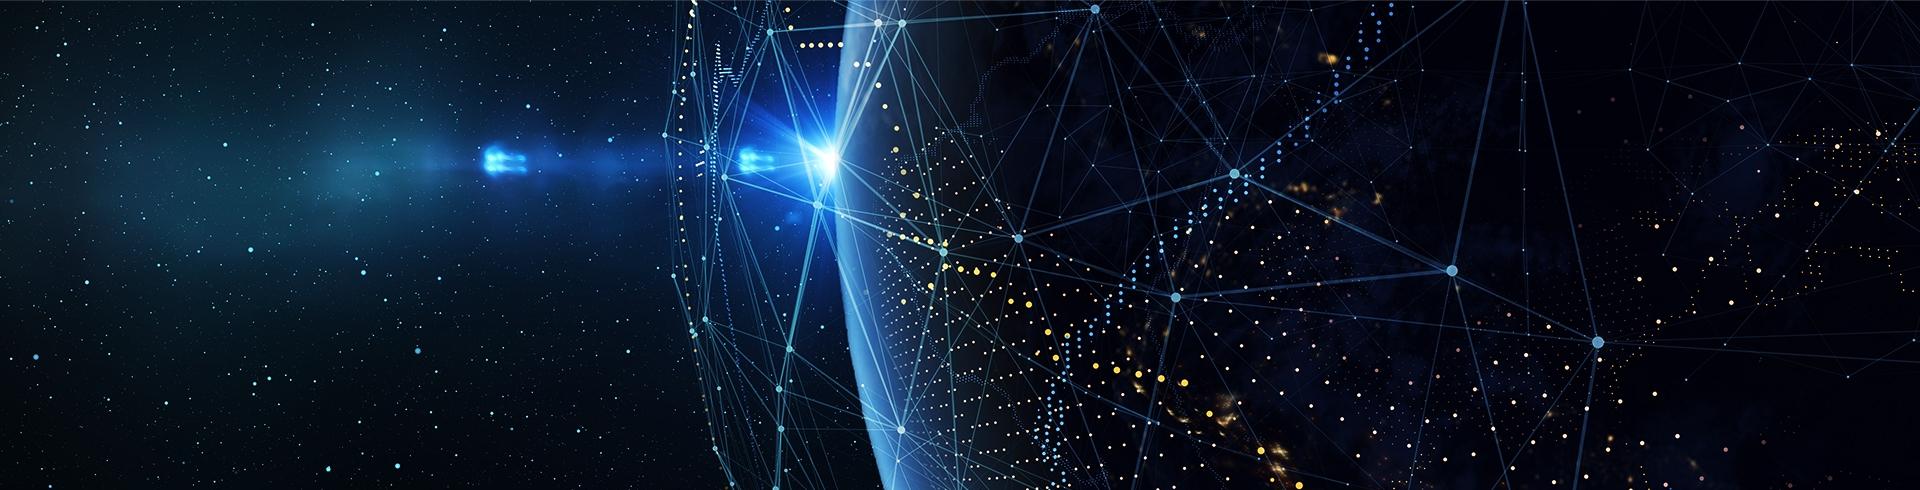 คอร์สเรียนออนไลน์ หมวด Technology เทคโนโลยี เทคนิคออนไลน์ data analytics digital disruption